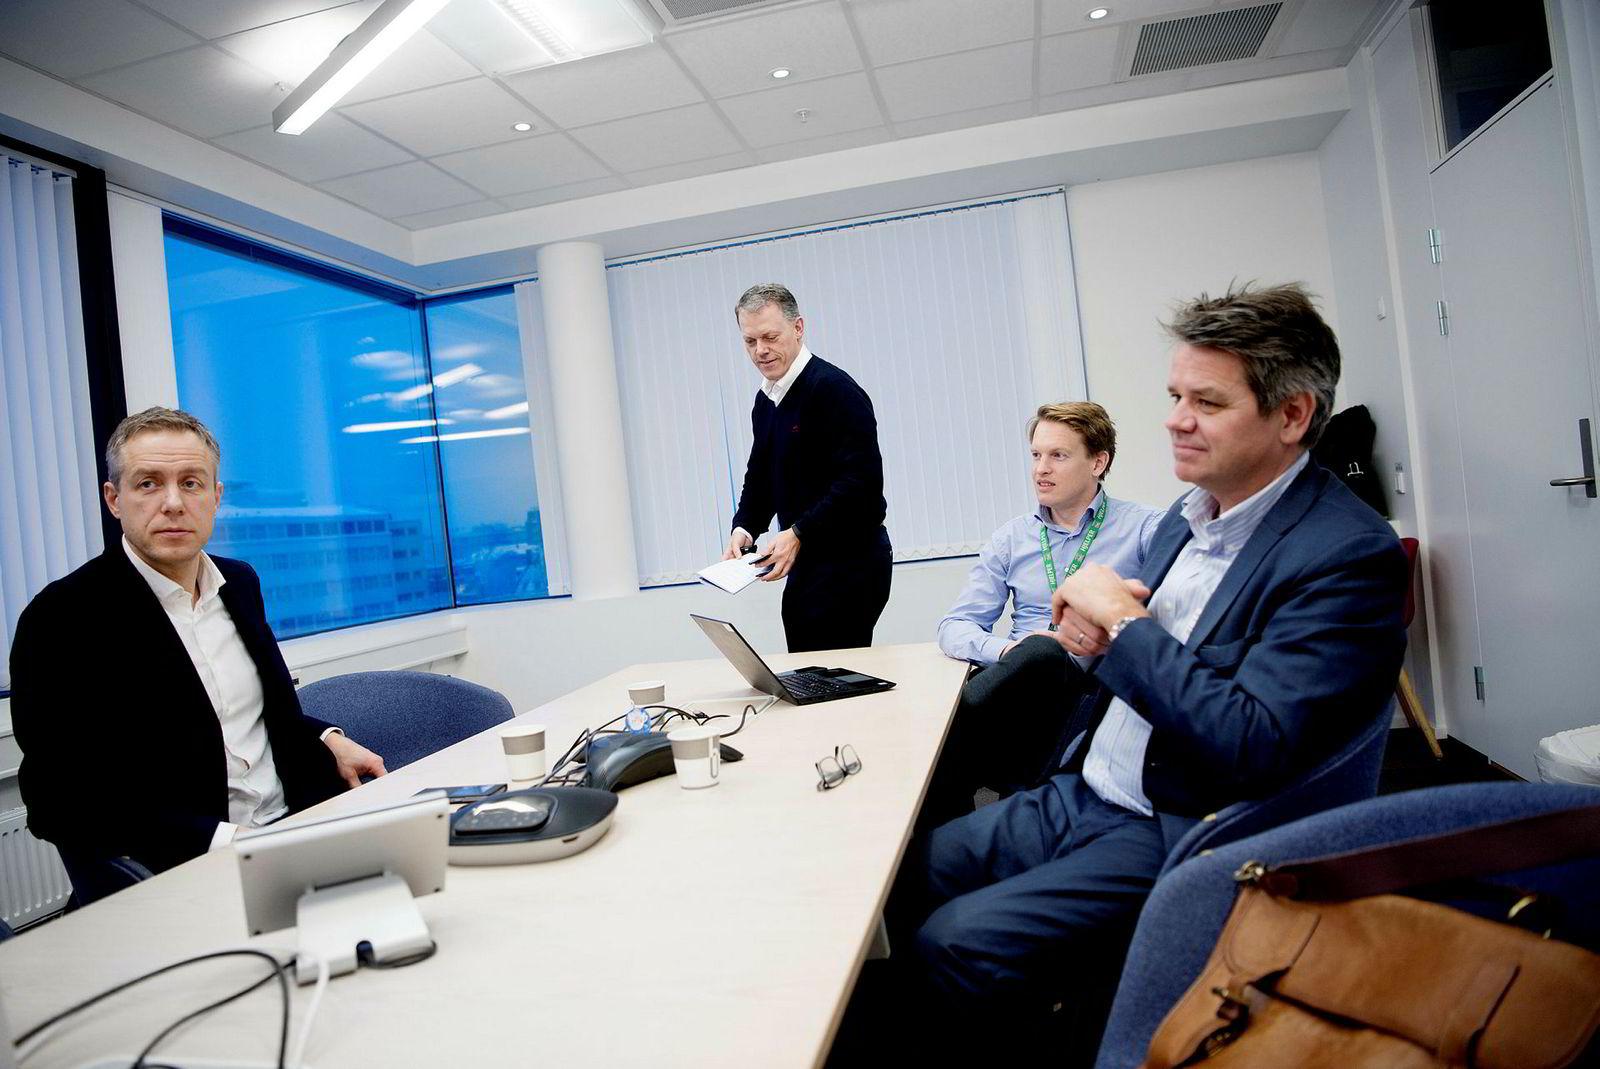 Tine satser på gründere som Jørgen Solberg (t.v.) og Torstein Harildstad (t.h) blant annet fordi de er innovative, og gjerne tilpasser løsningene slik Tine ønsker dem, forteller finansdirektør i Tine Jørn Spakrud (bakerst) og prosjektleder Henrik Bachke Madsen i Tine.